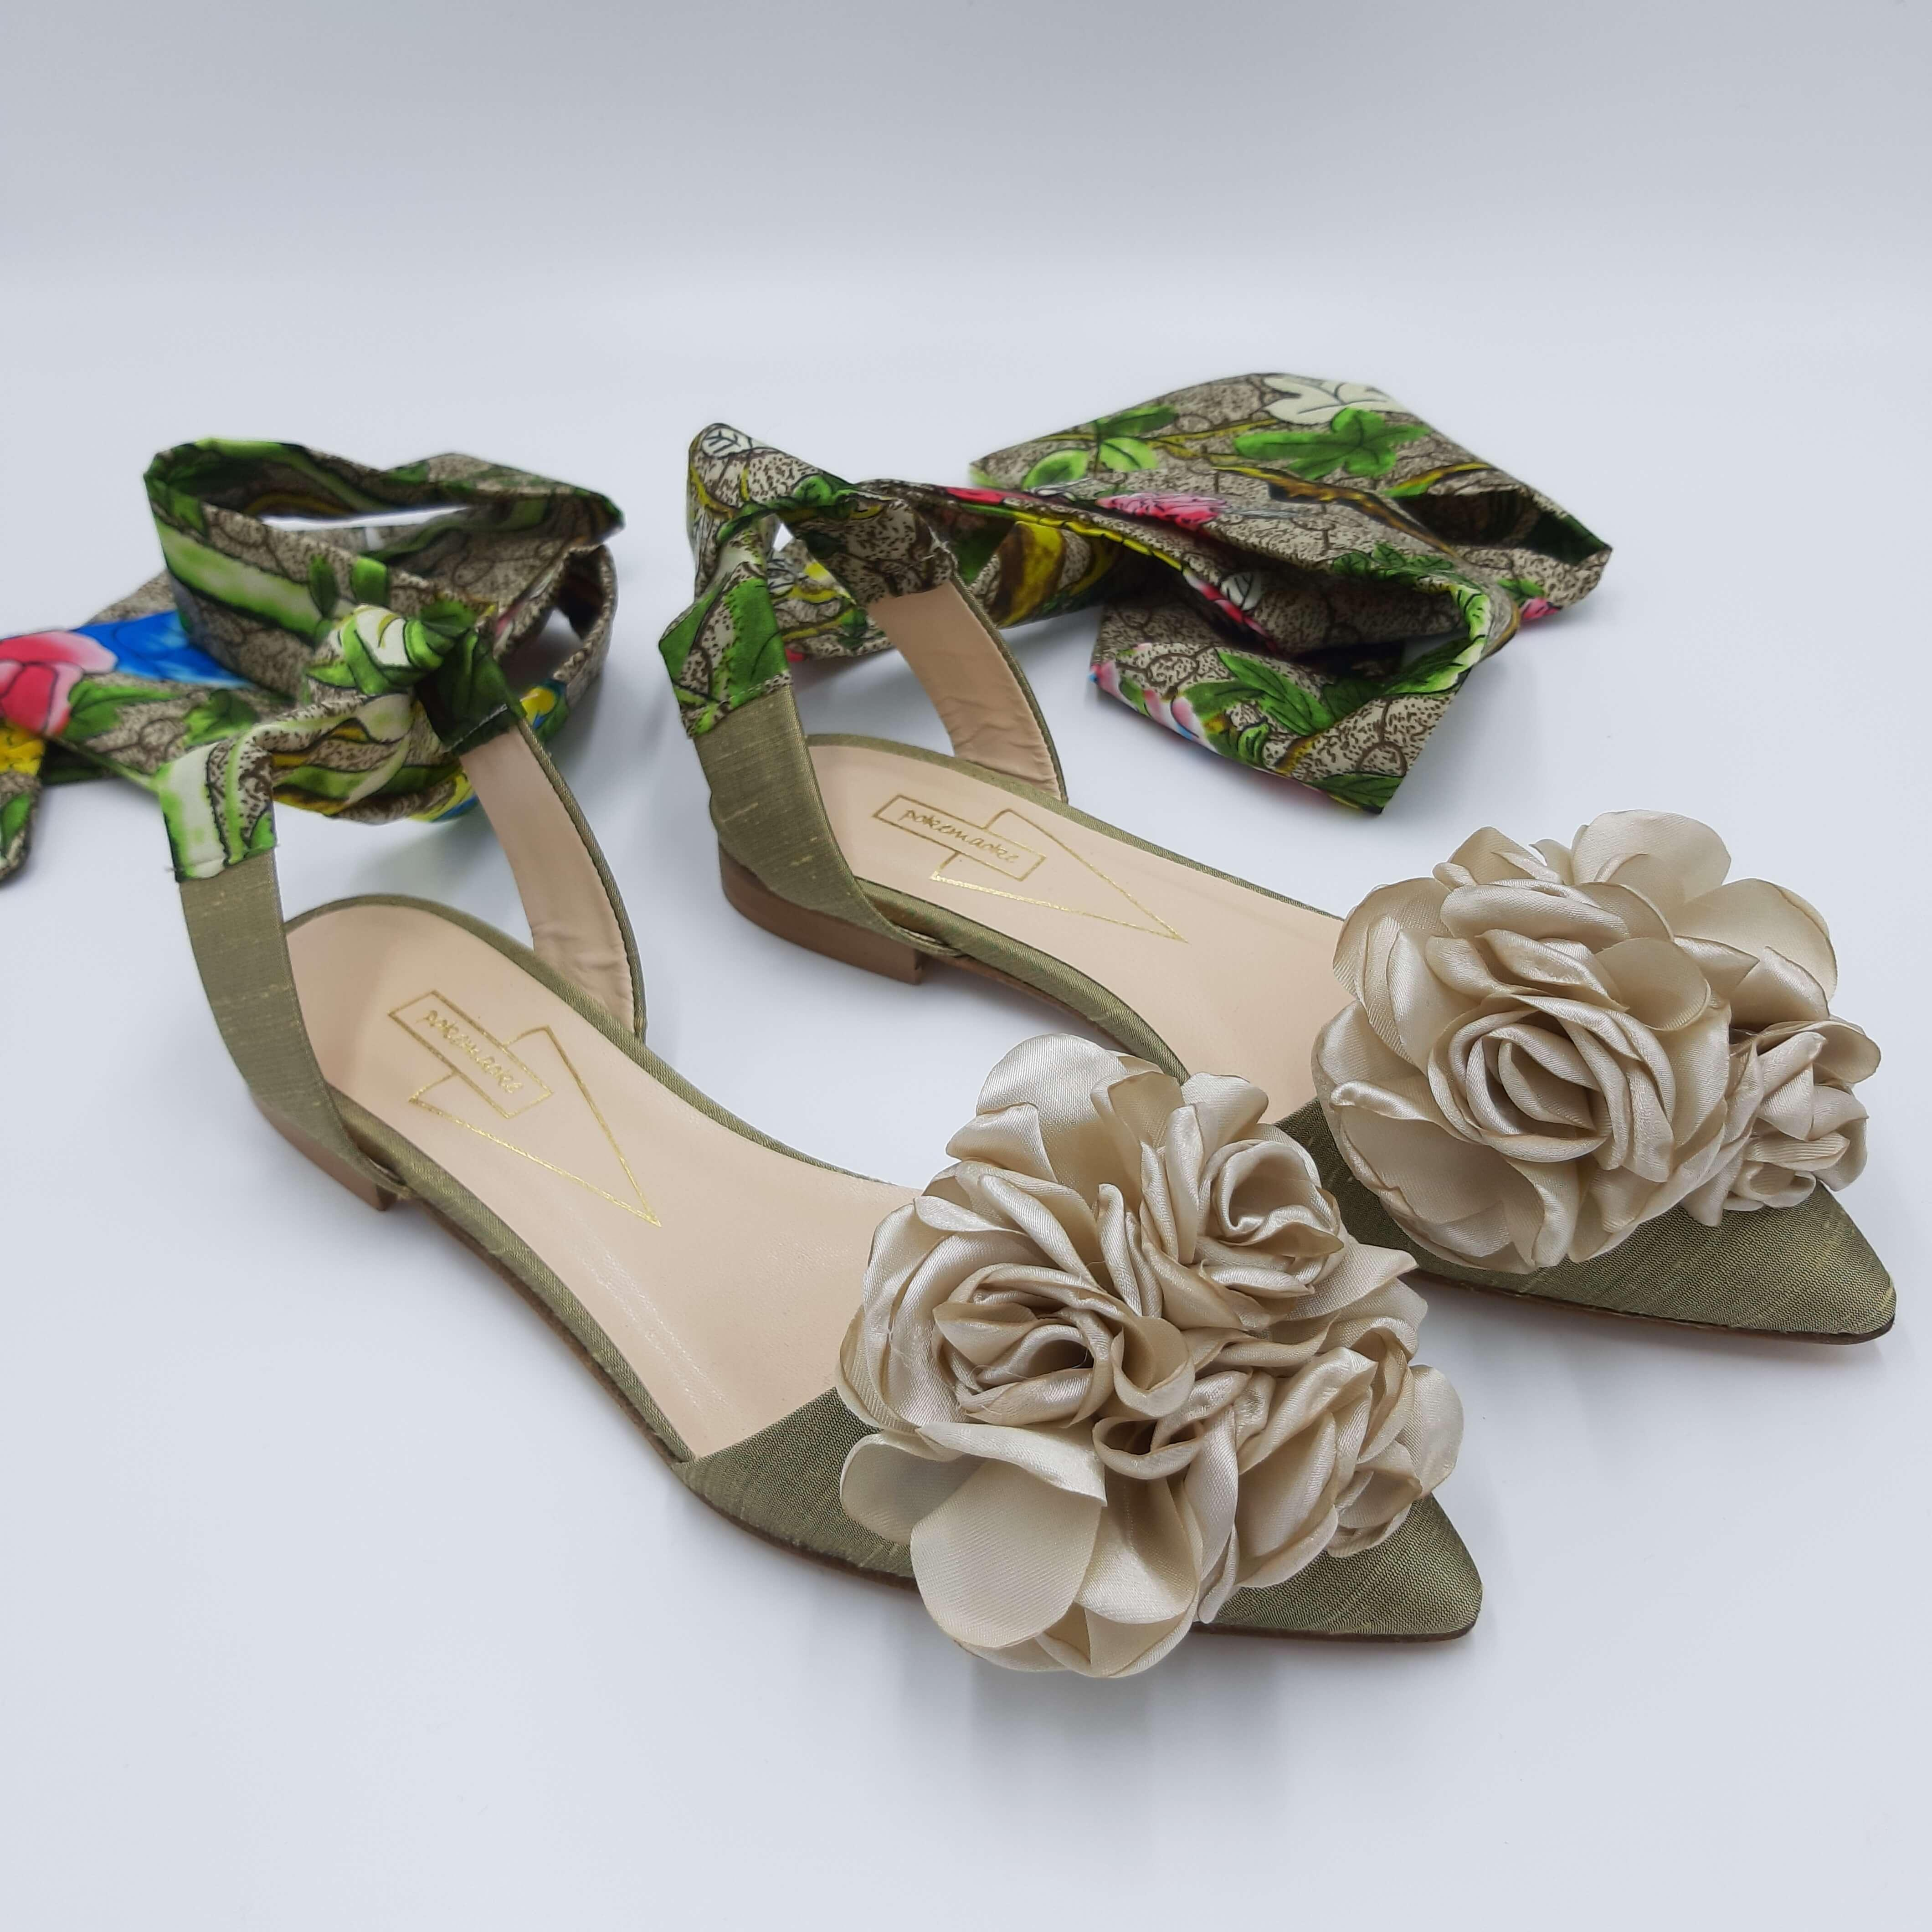 Sandalo verde con fiore Pokemaoke